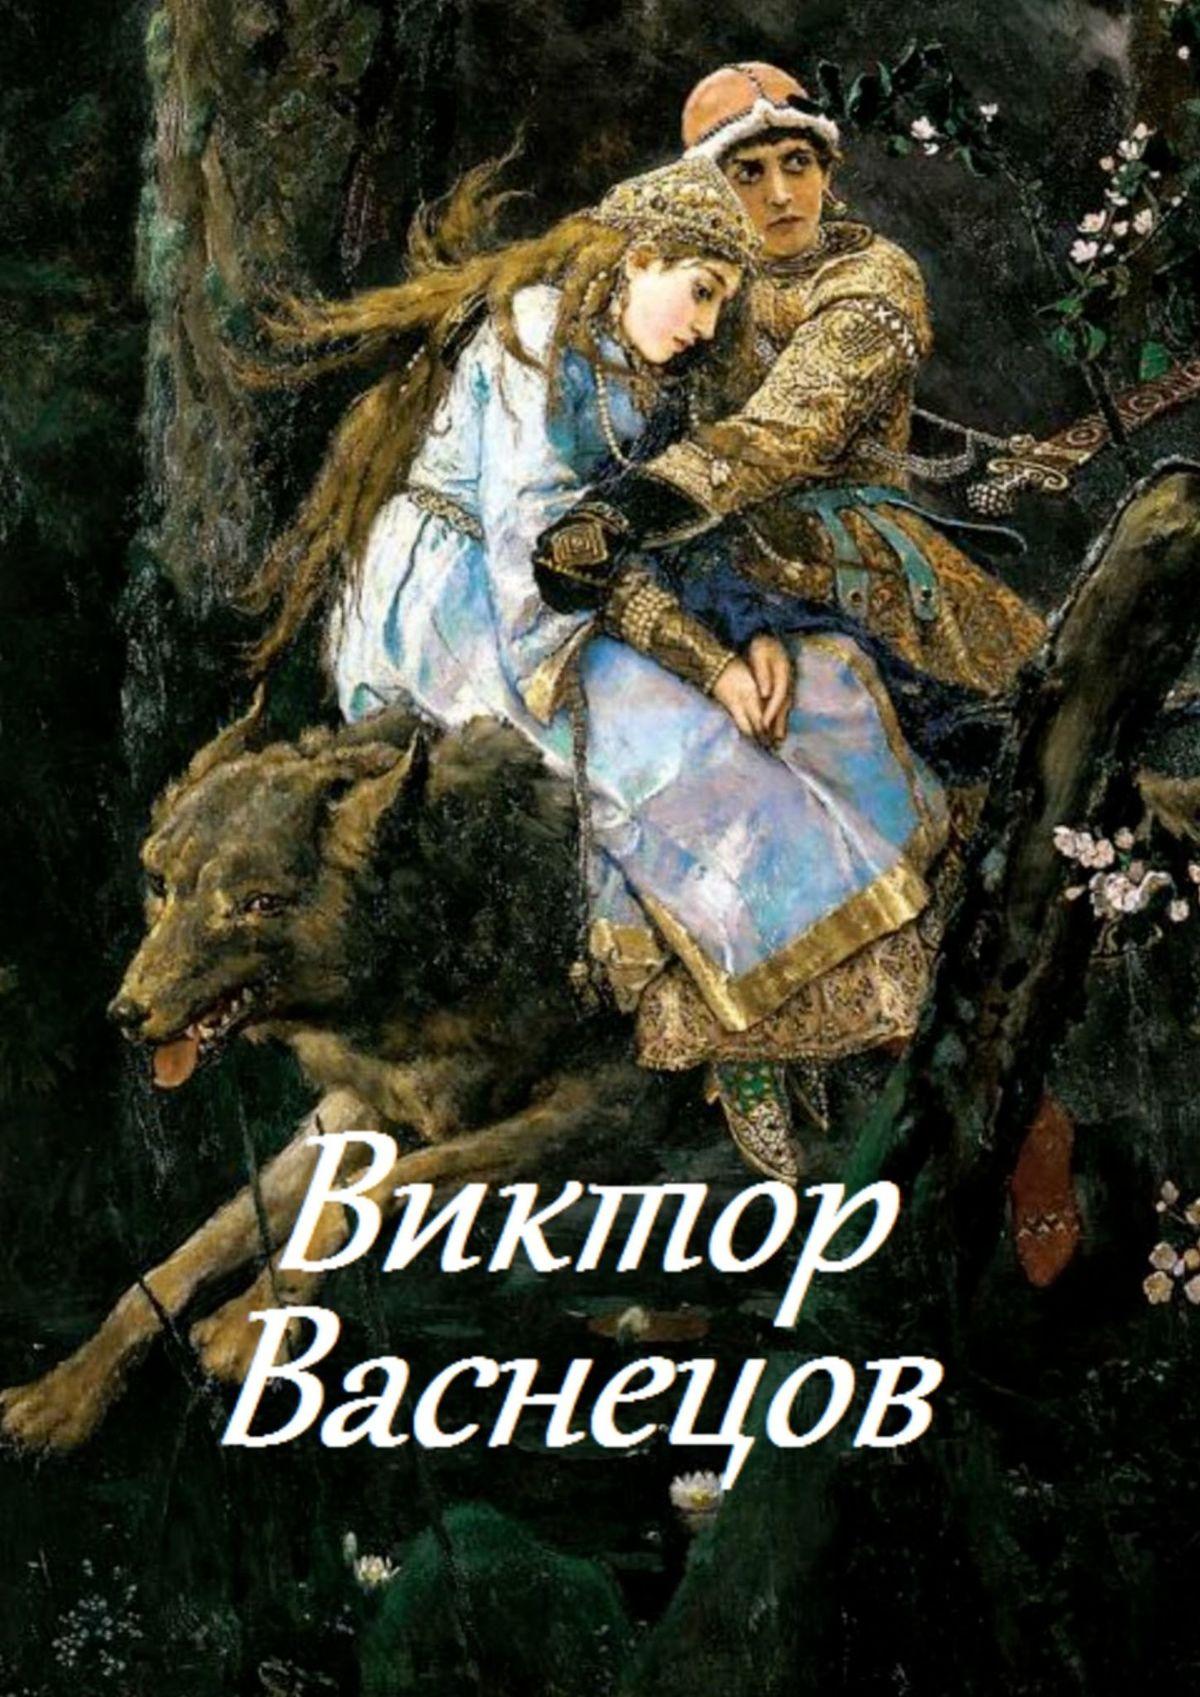 В. И. Жиглов Виктор Васнецов а к лазуко виктор михайлович васнецов